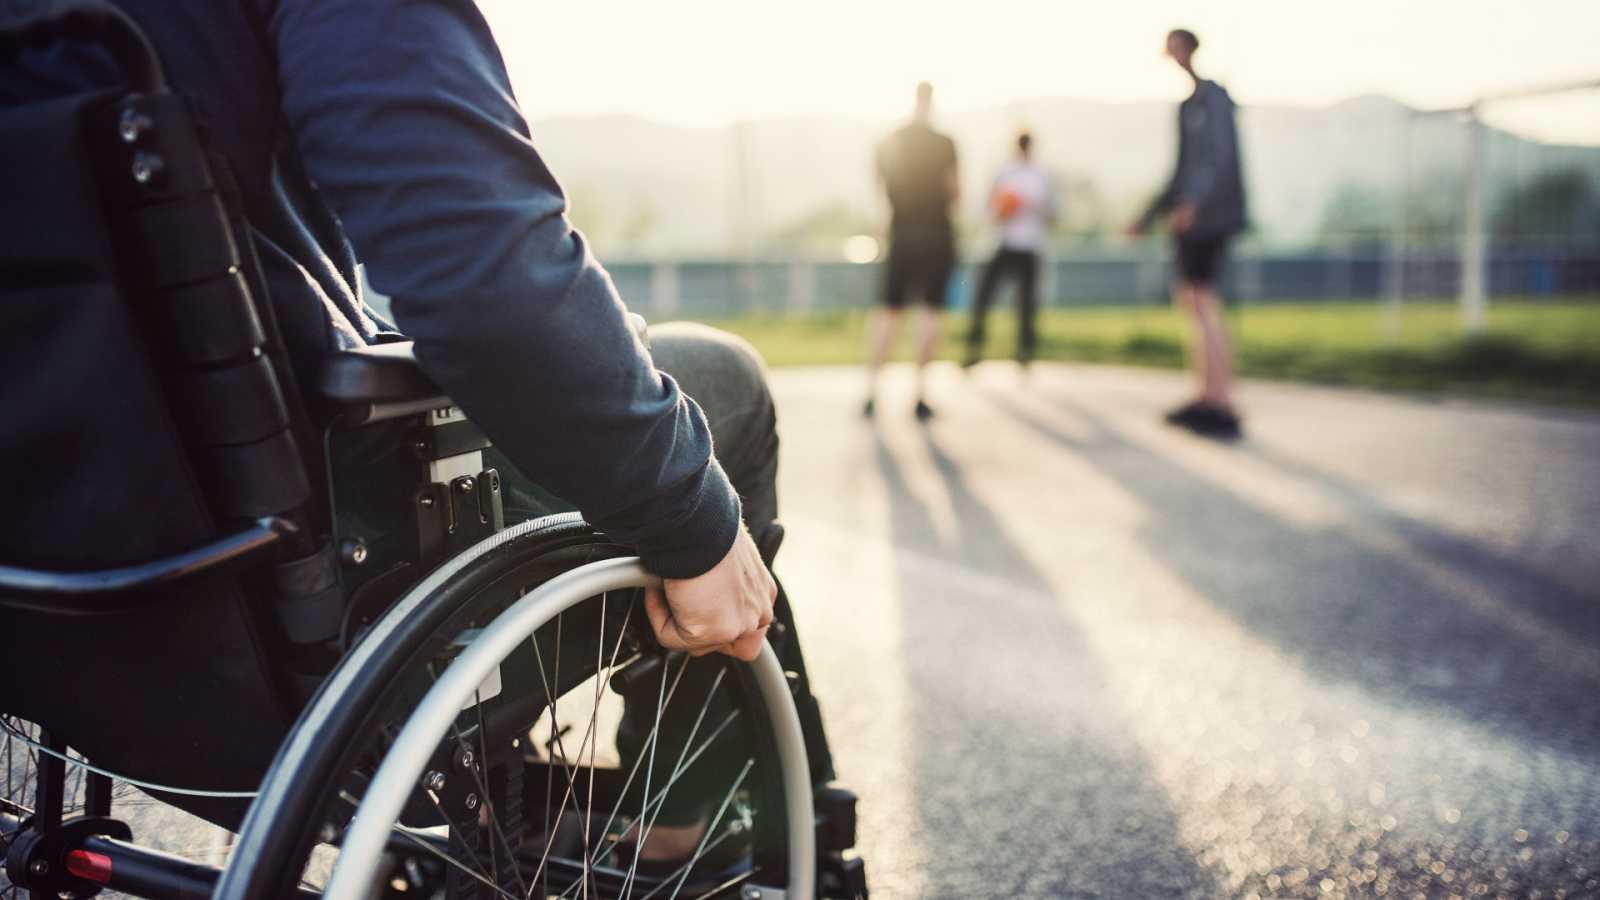 Una persona con discapacidad física se desplaza en silla de ruedas por la calle.